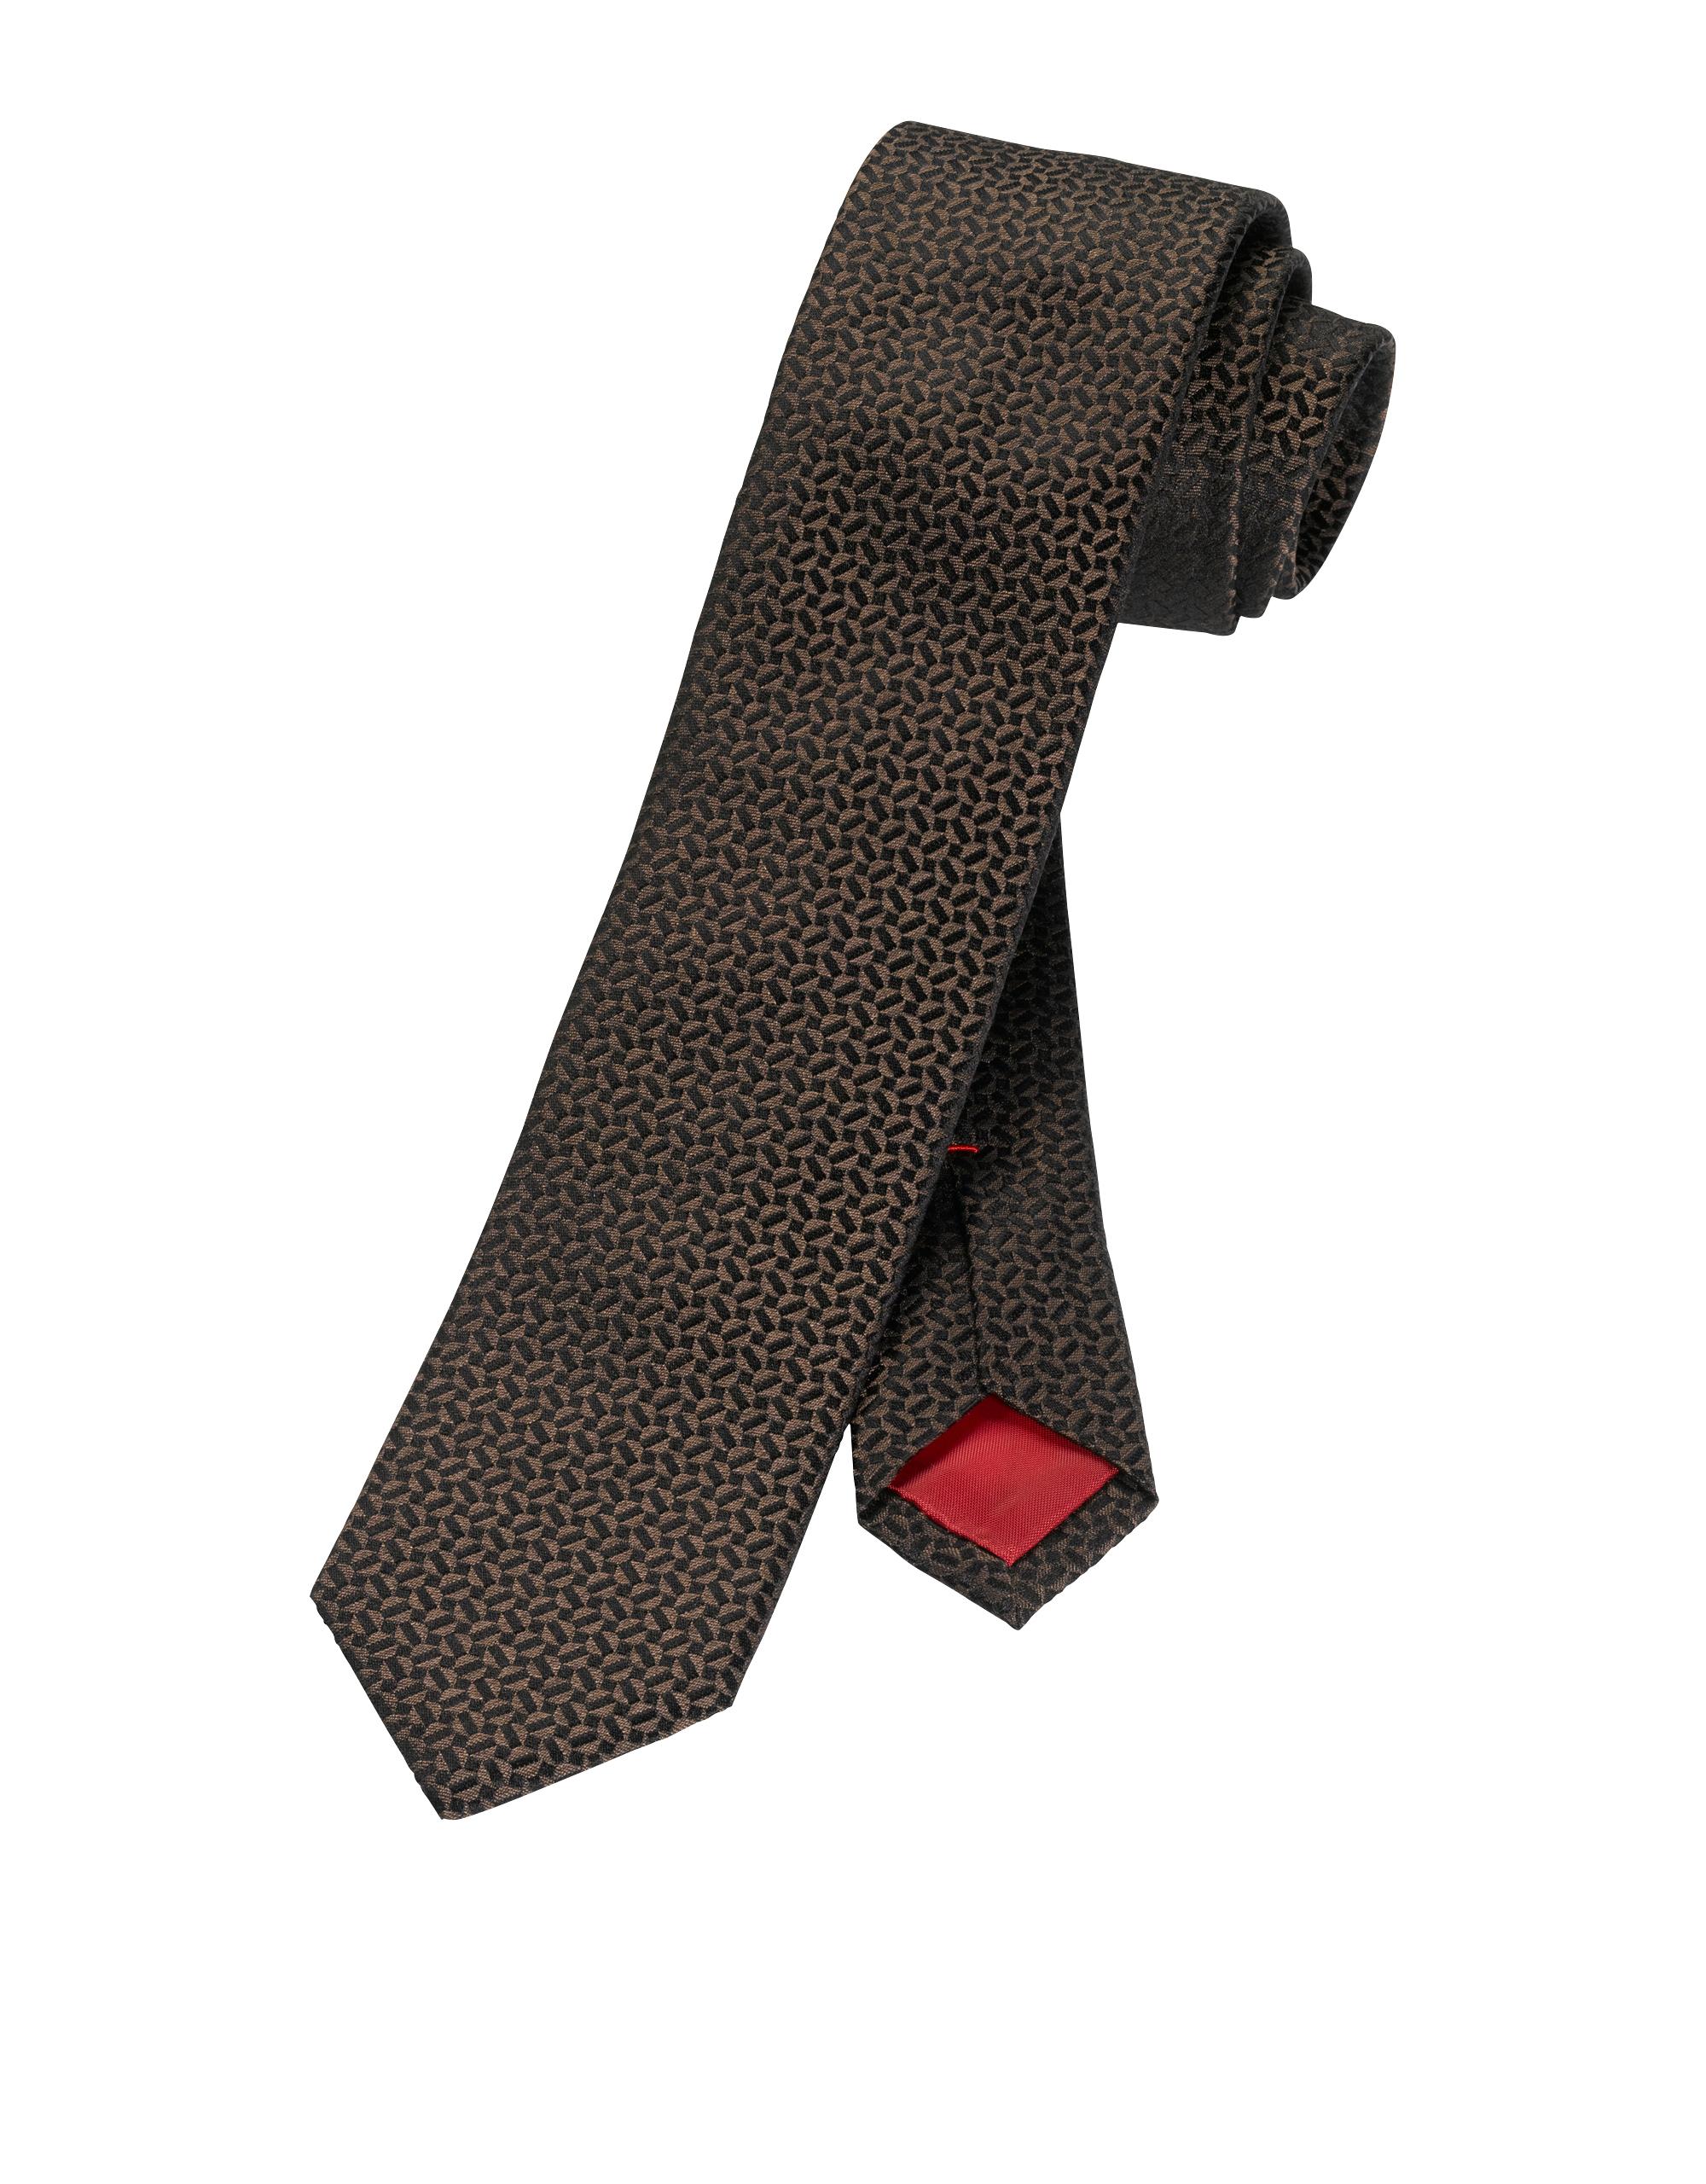 OLYMP  Krawatte, Braun,   Accessoires > Krawatten > Sonstige Krawatten   OLYMP